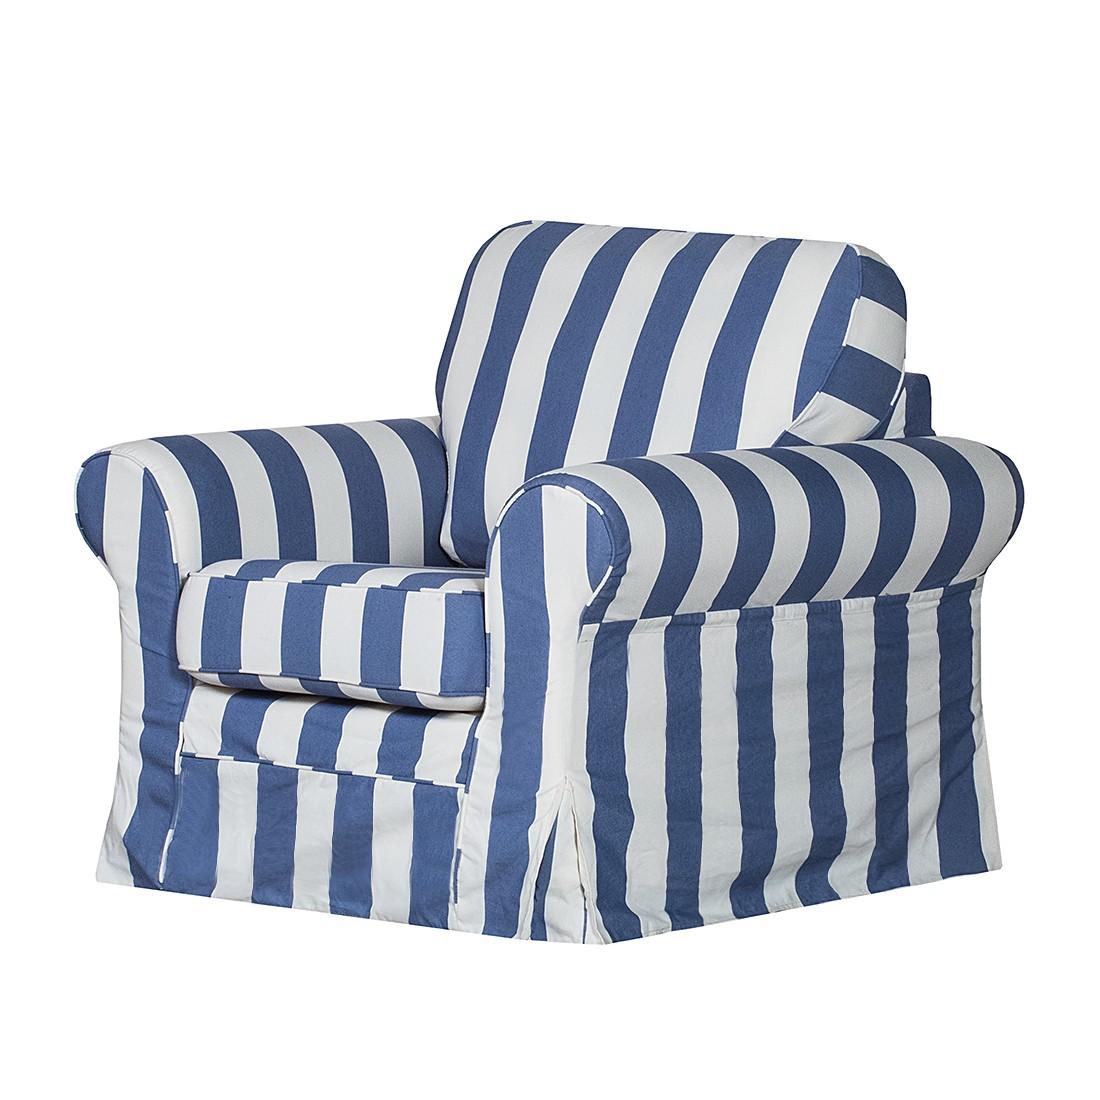 Ohrensessel ikea blau  Ikea Sessel Zum Stillen: In diesem komfortablen stillstuhl in ...